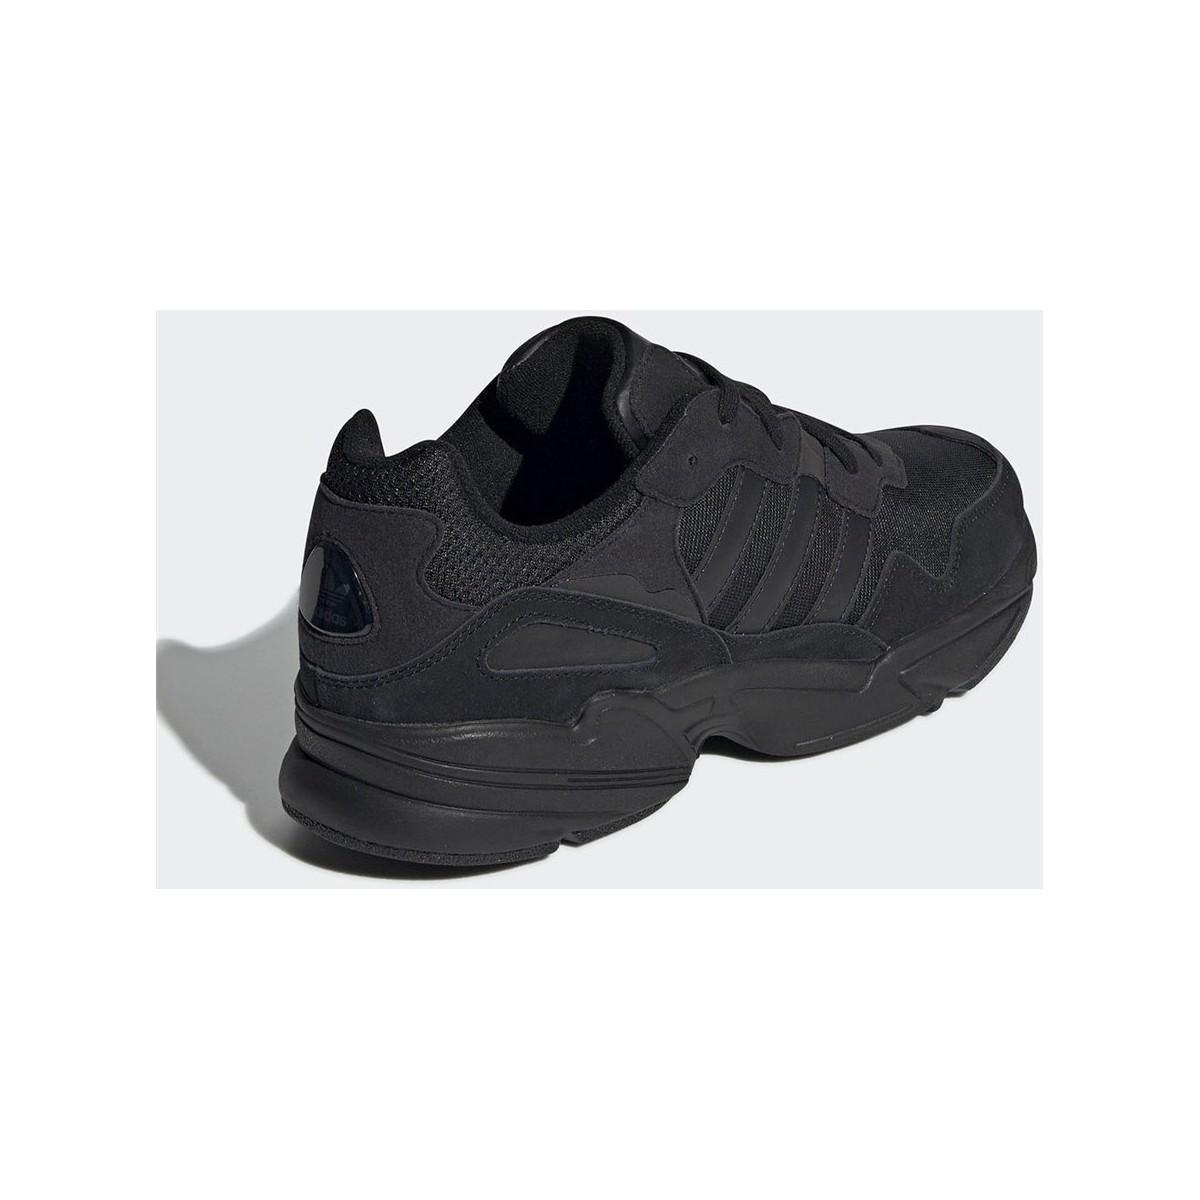 YUNG96 Chaussures adidas pour homme en coloris Noir